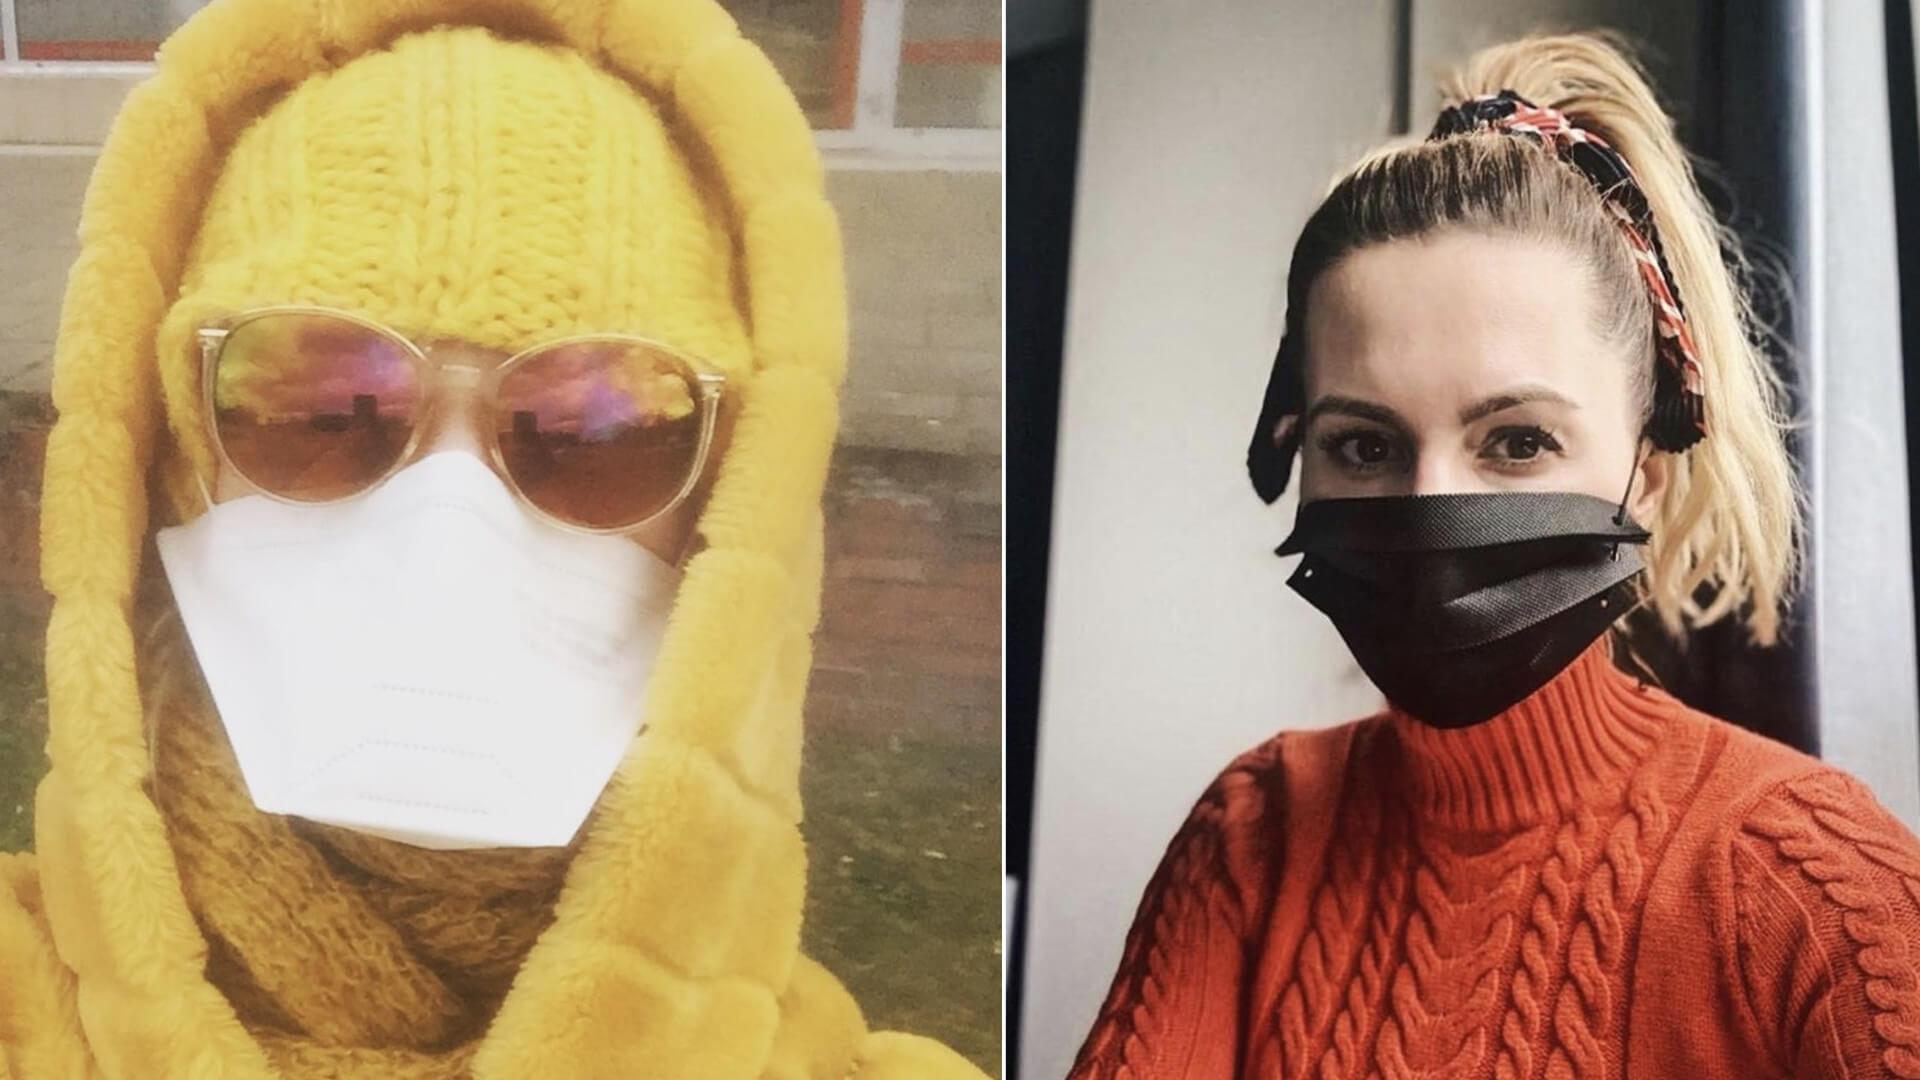 Polscy celebryci pozują w maseczkach – nowy krzyk mody, czy troska o zdrowie?